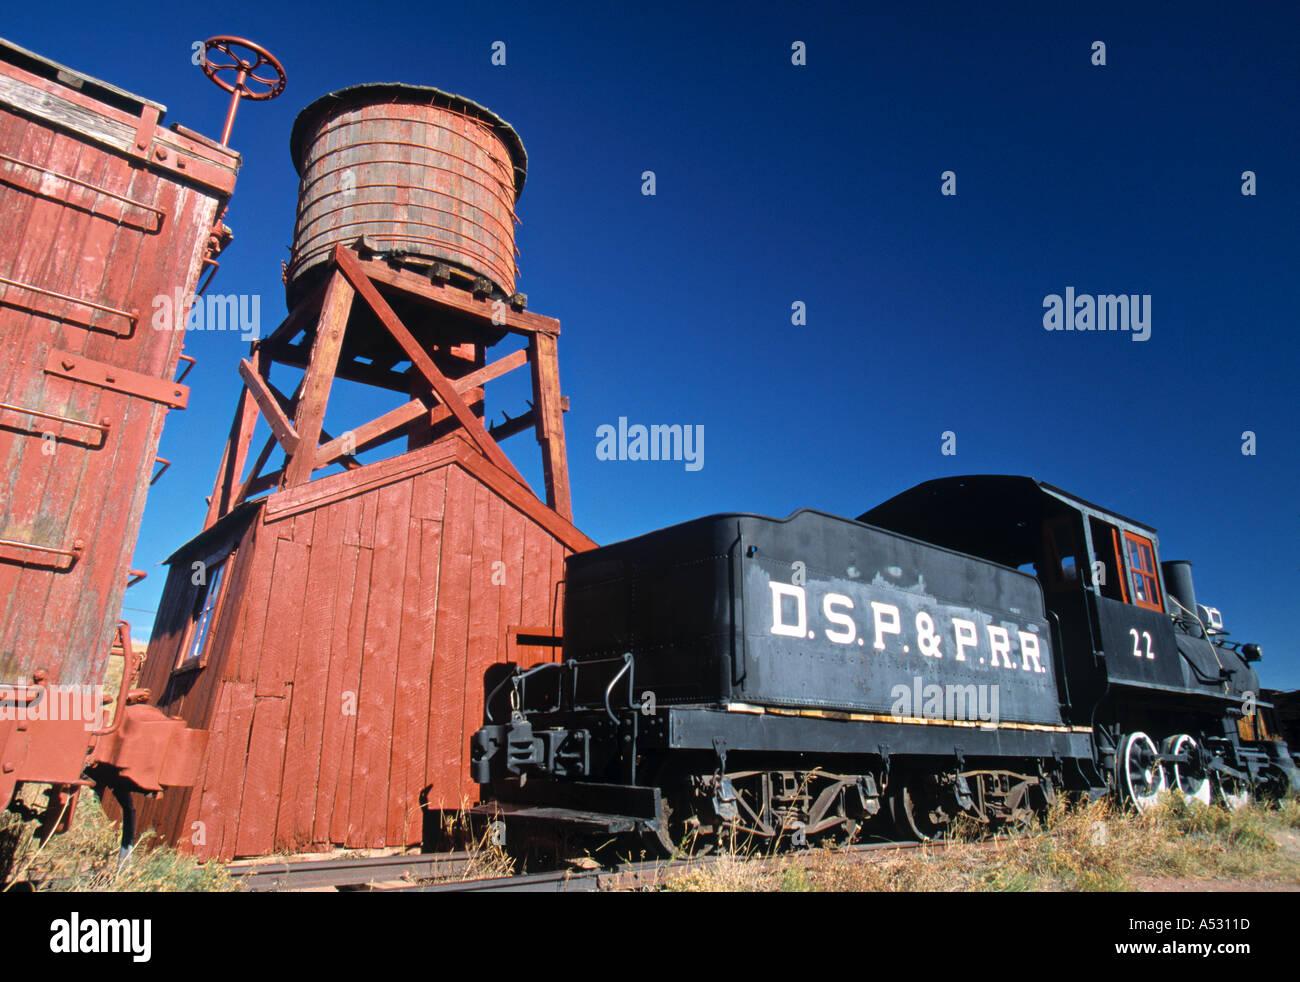 South Park Museum, Fairplay, Colorado, USA - Stock Image